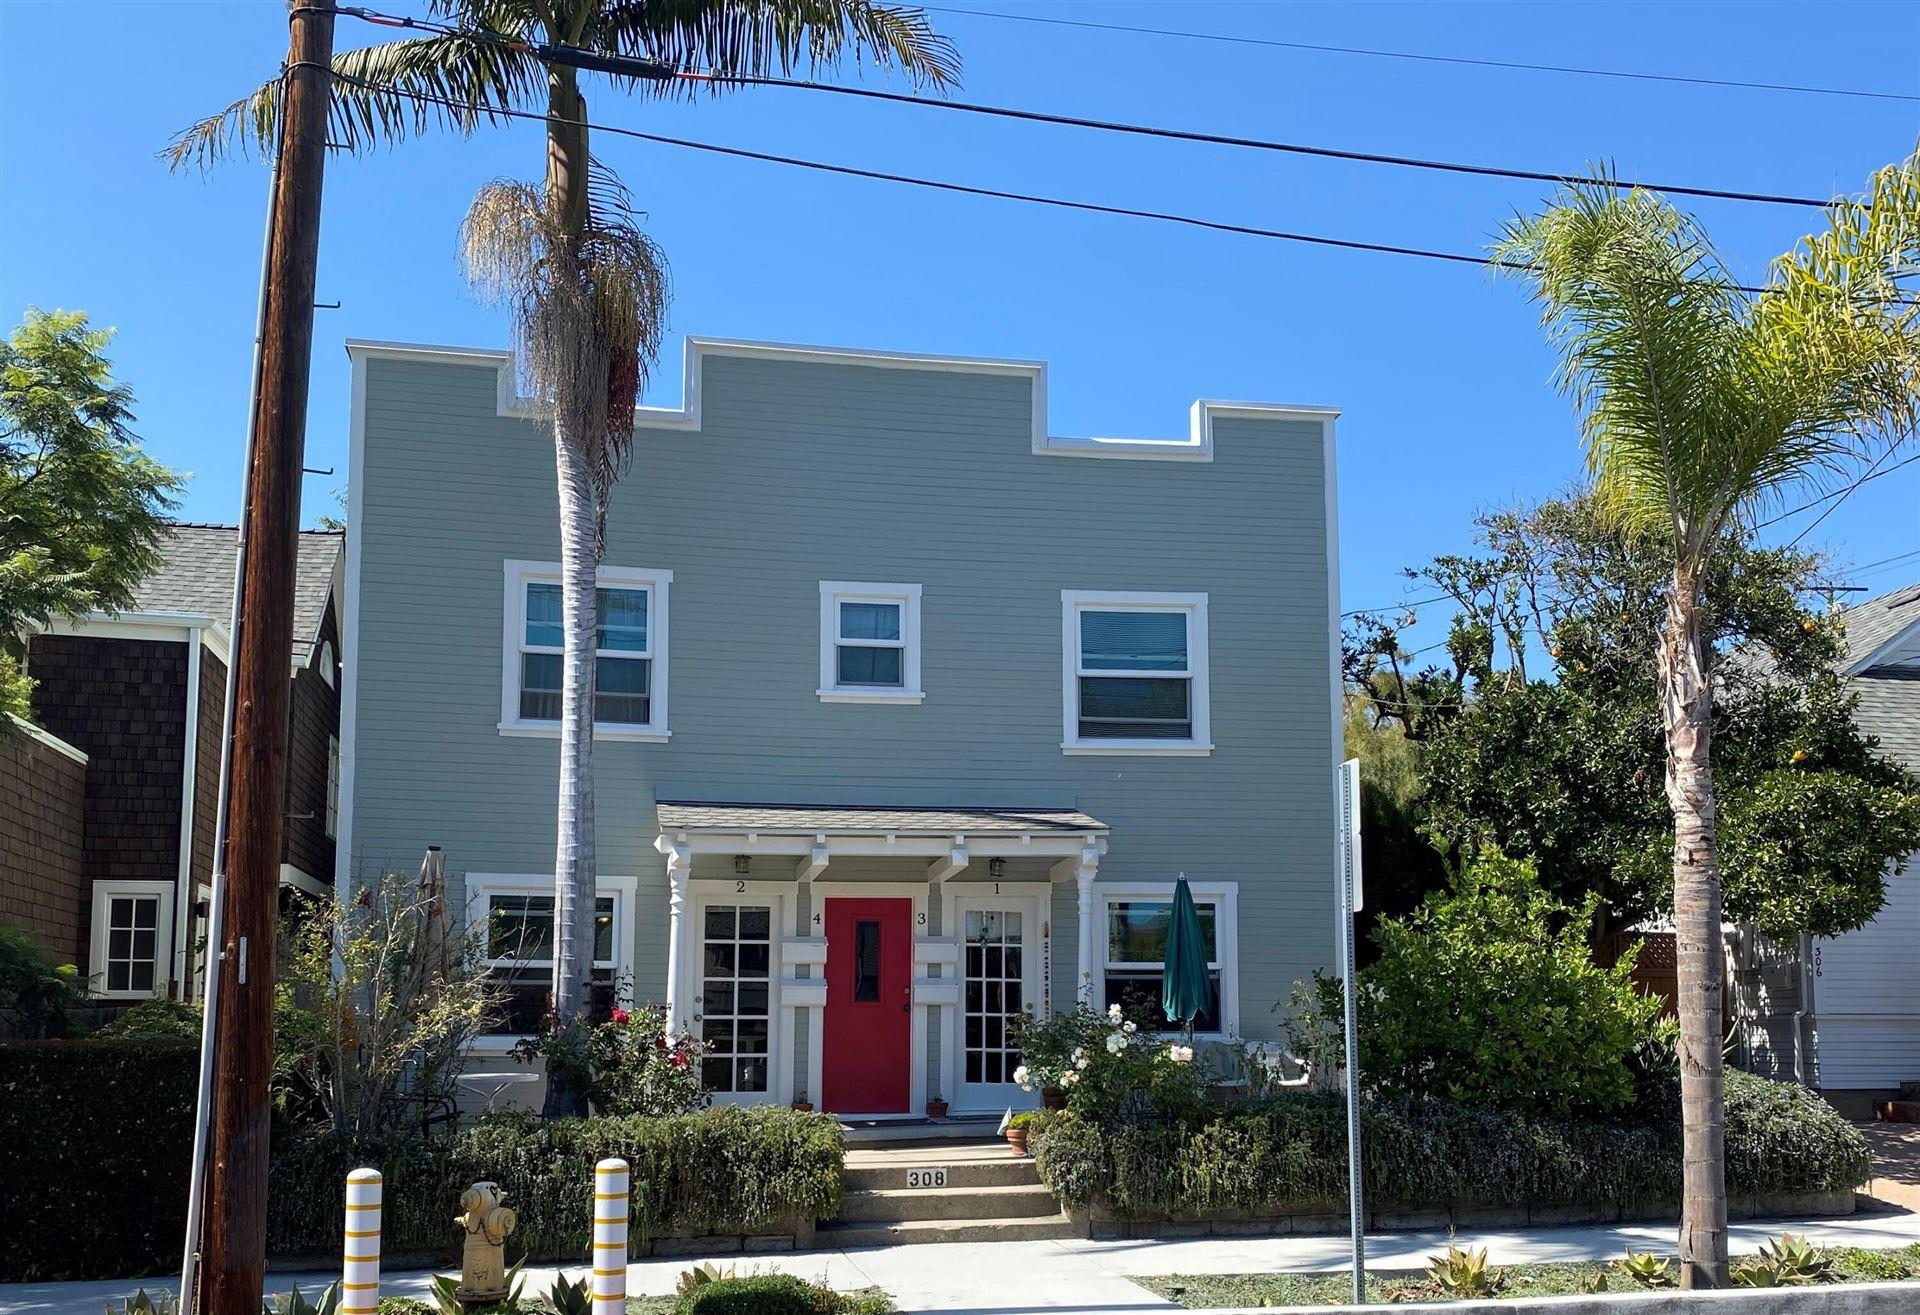 308 W De La Guerra St, Santa Barbara, CA 93101 - MLS#: 21-3422